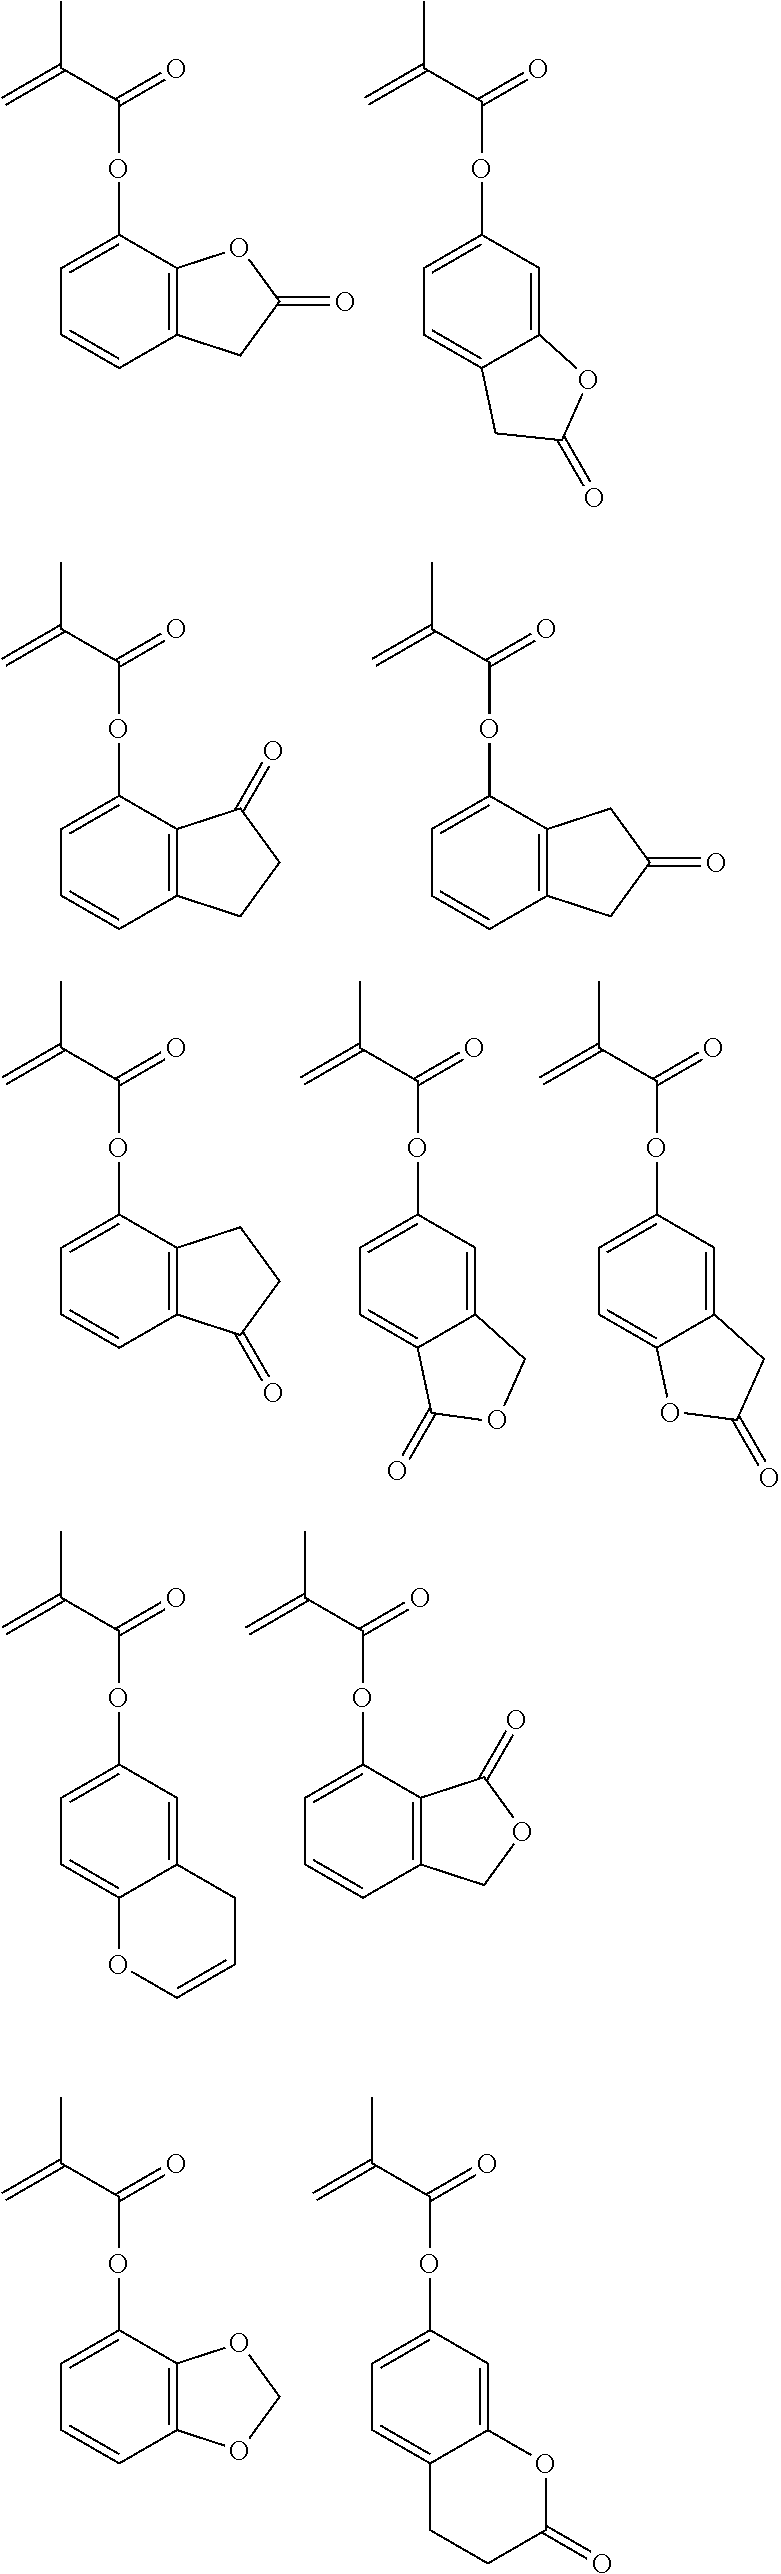 Figure US08652756-20140218-C00053